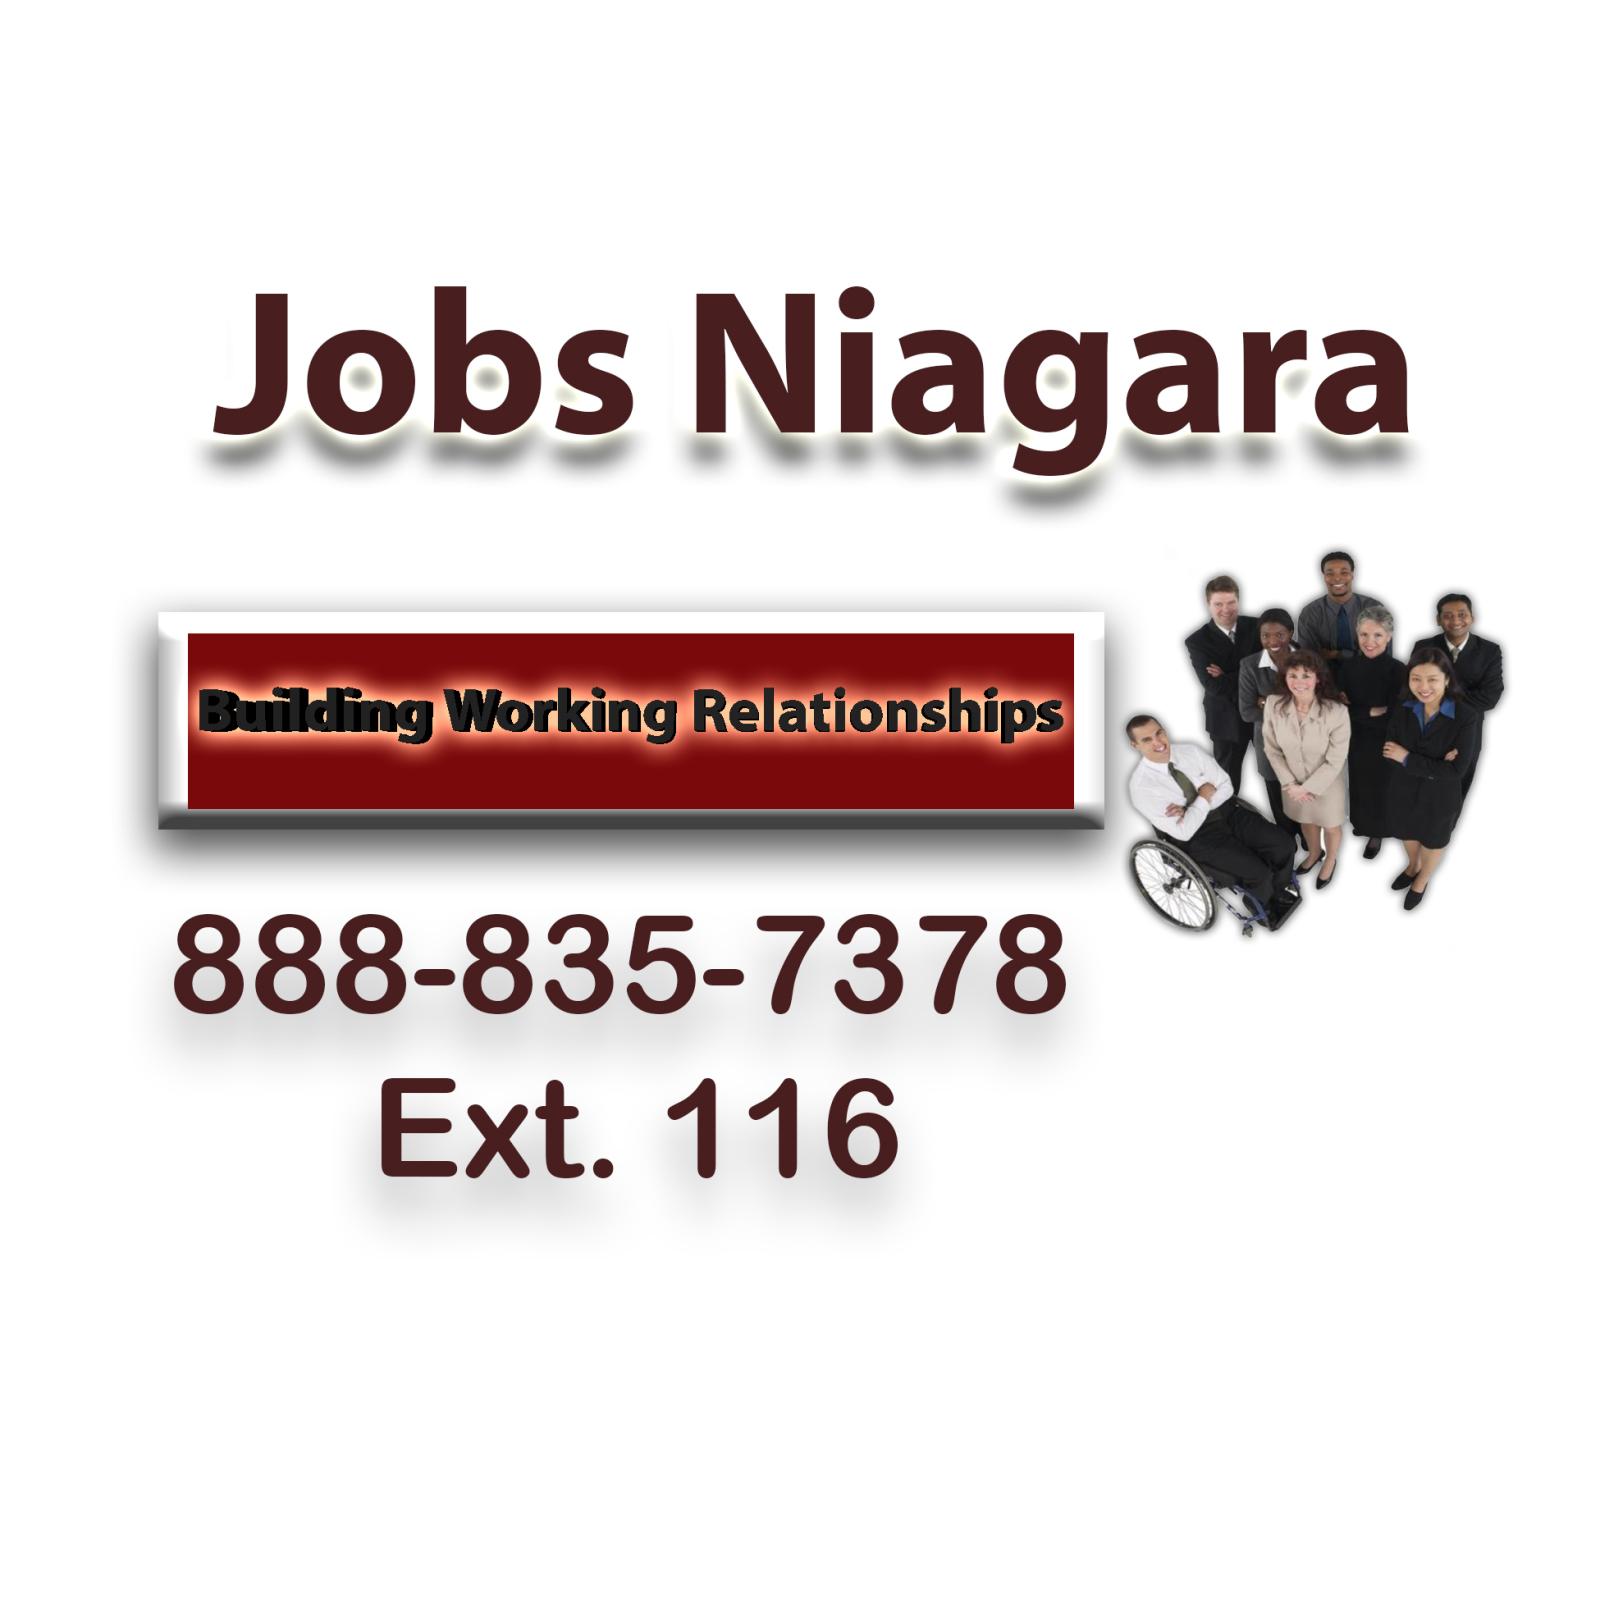 Jobs Niagara